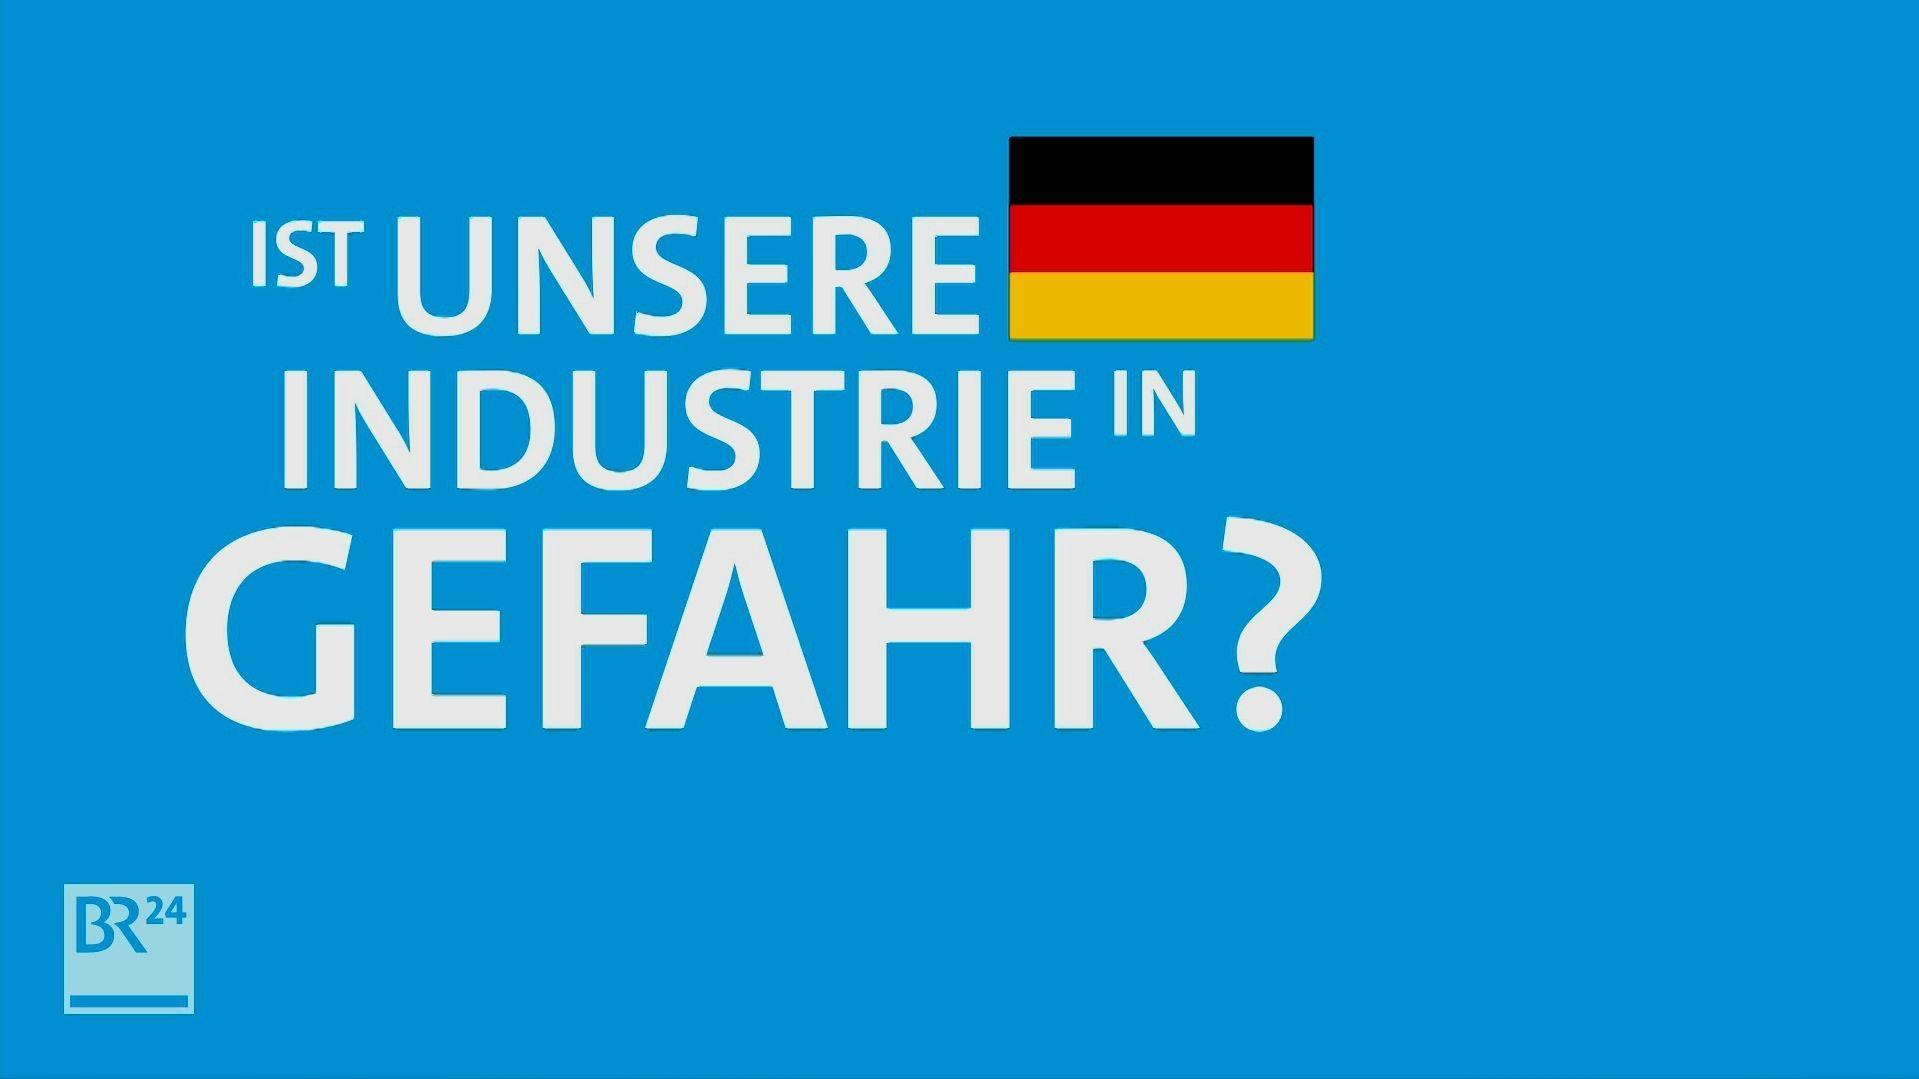 Ist unsere Industrie in Gefahr?